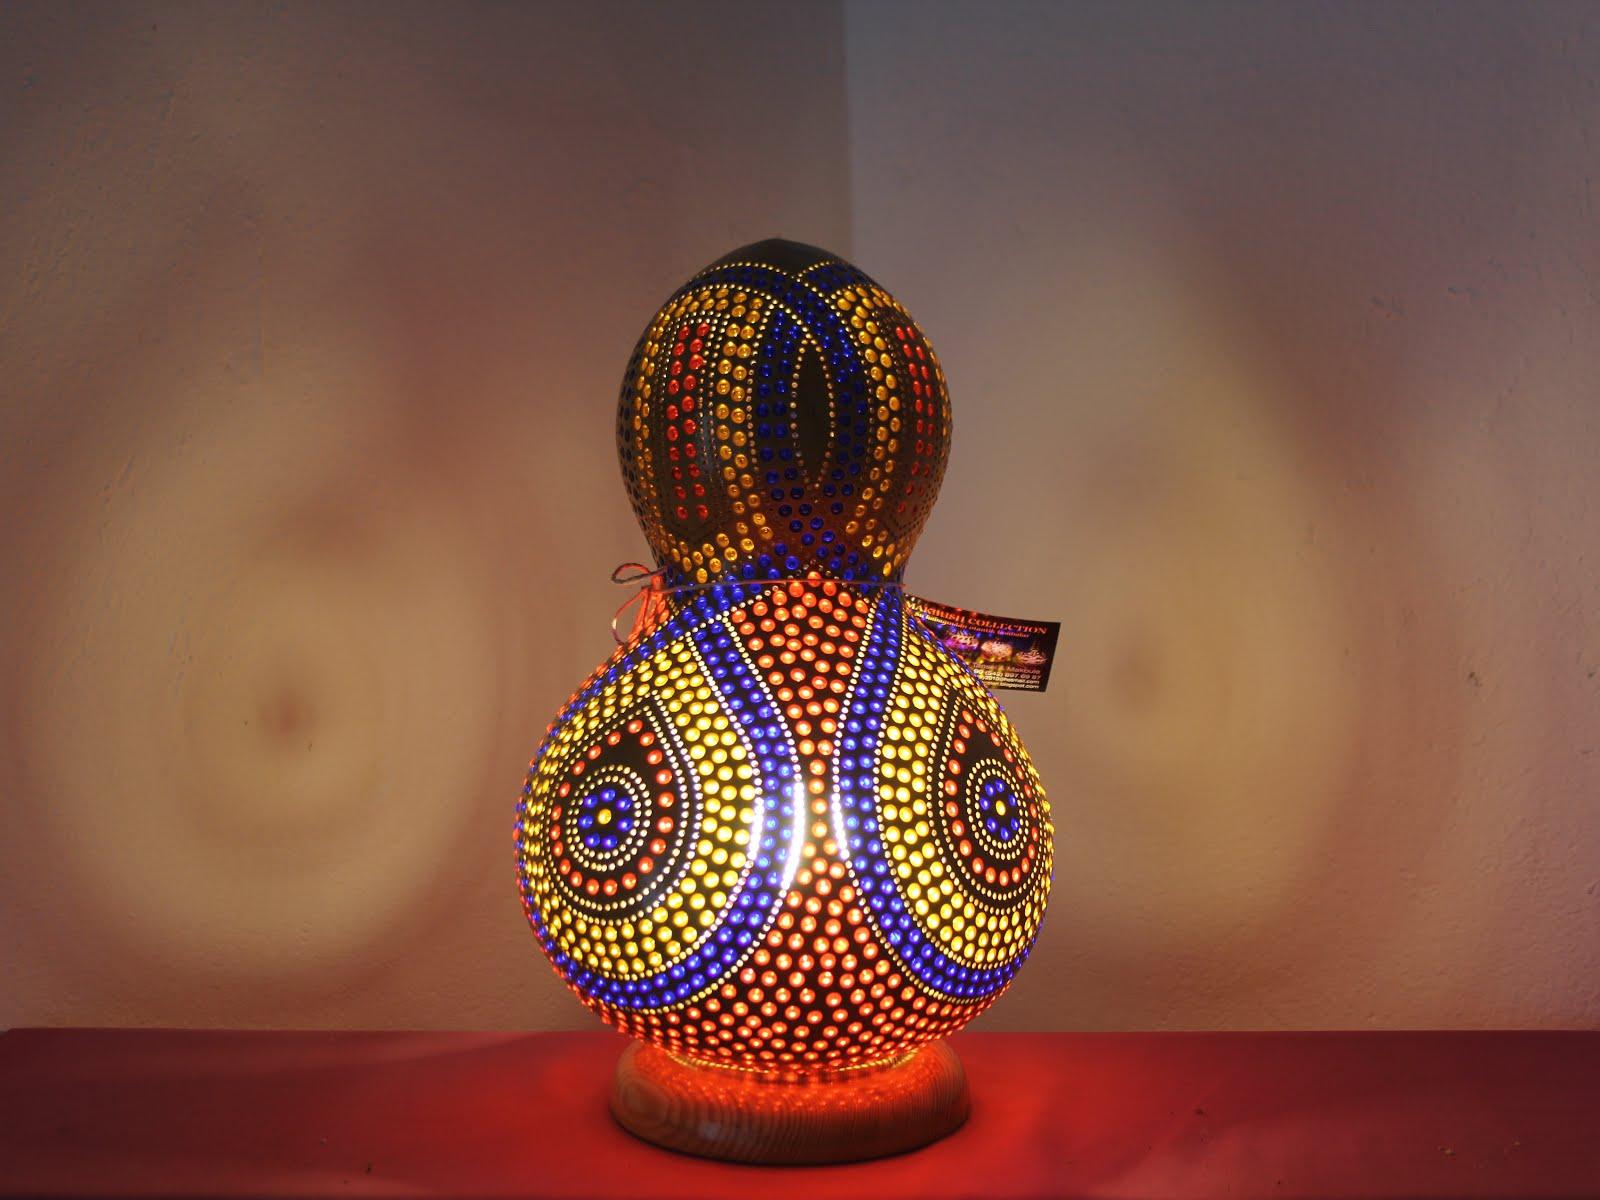 Antalya Gourd Light